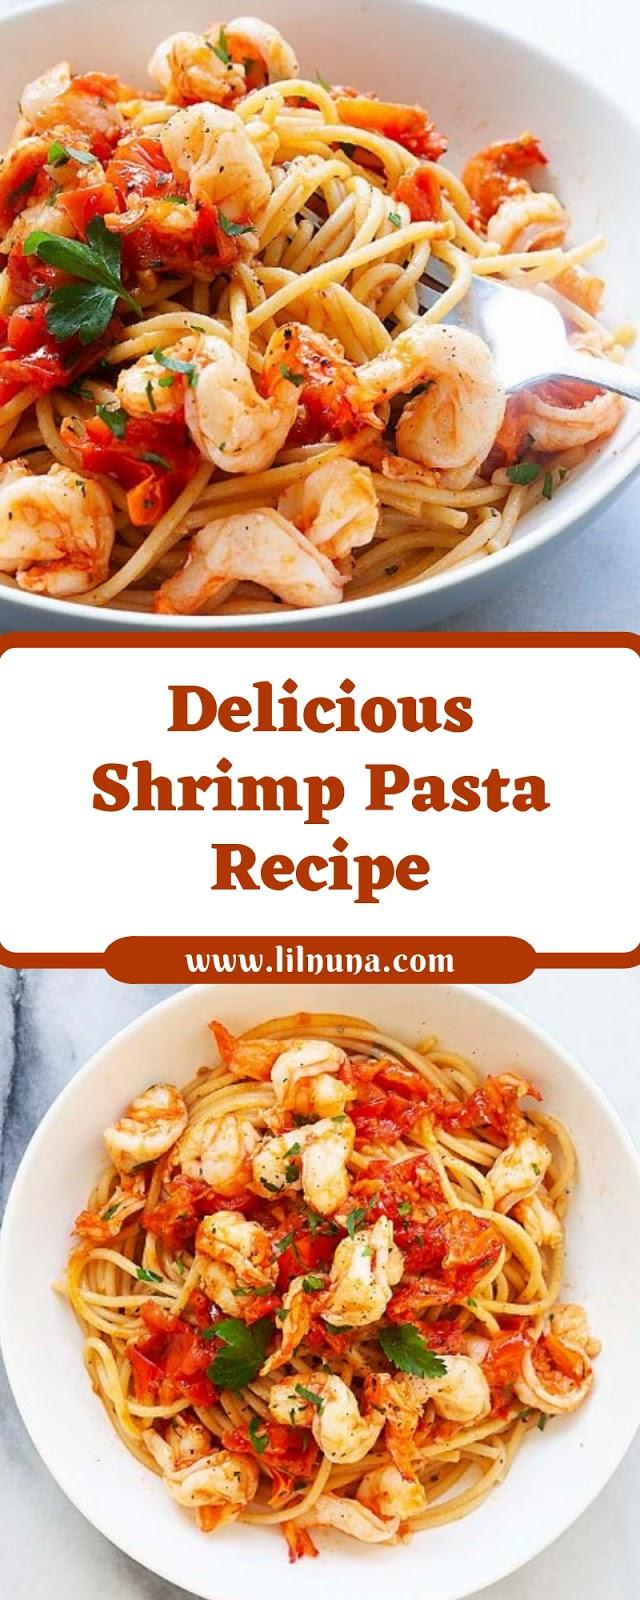 Delicious Shrimp Pasta Recipe